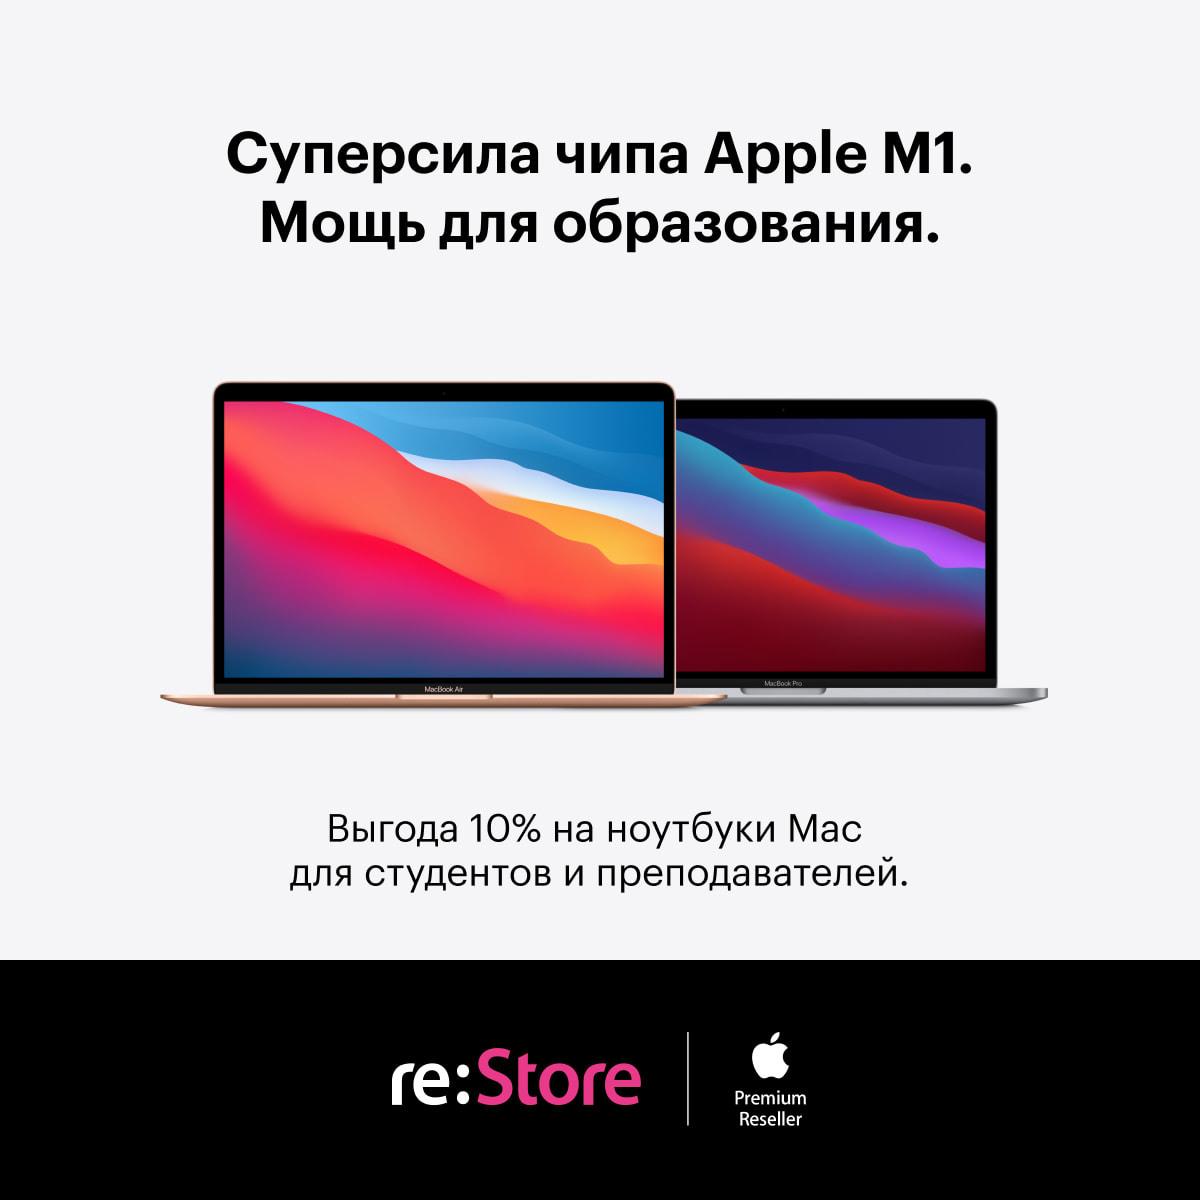 Скидка 10% на MacBook в re:Store